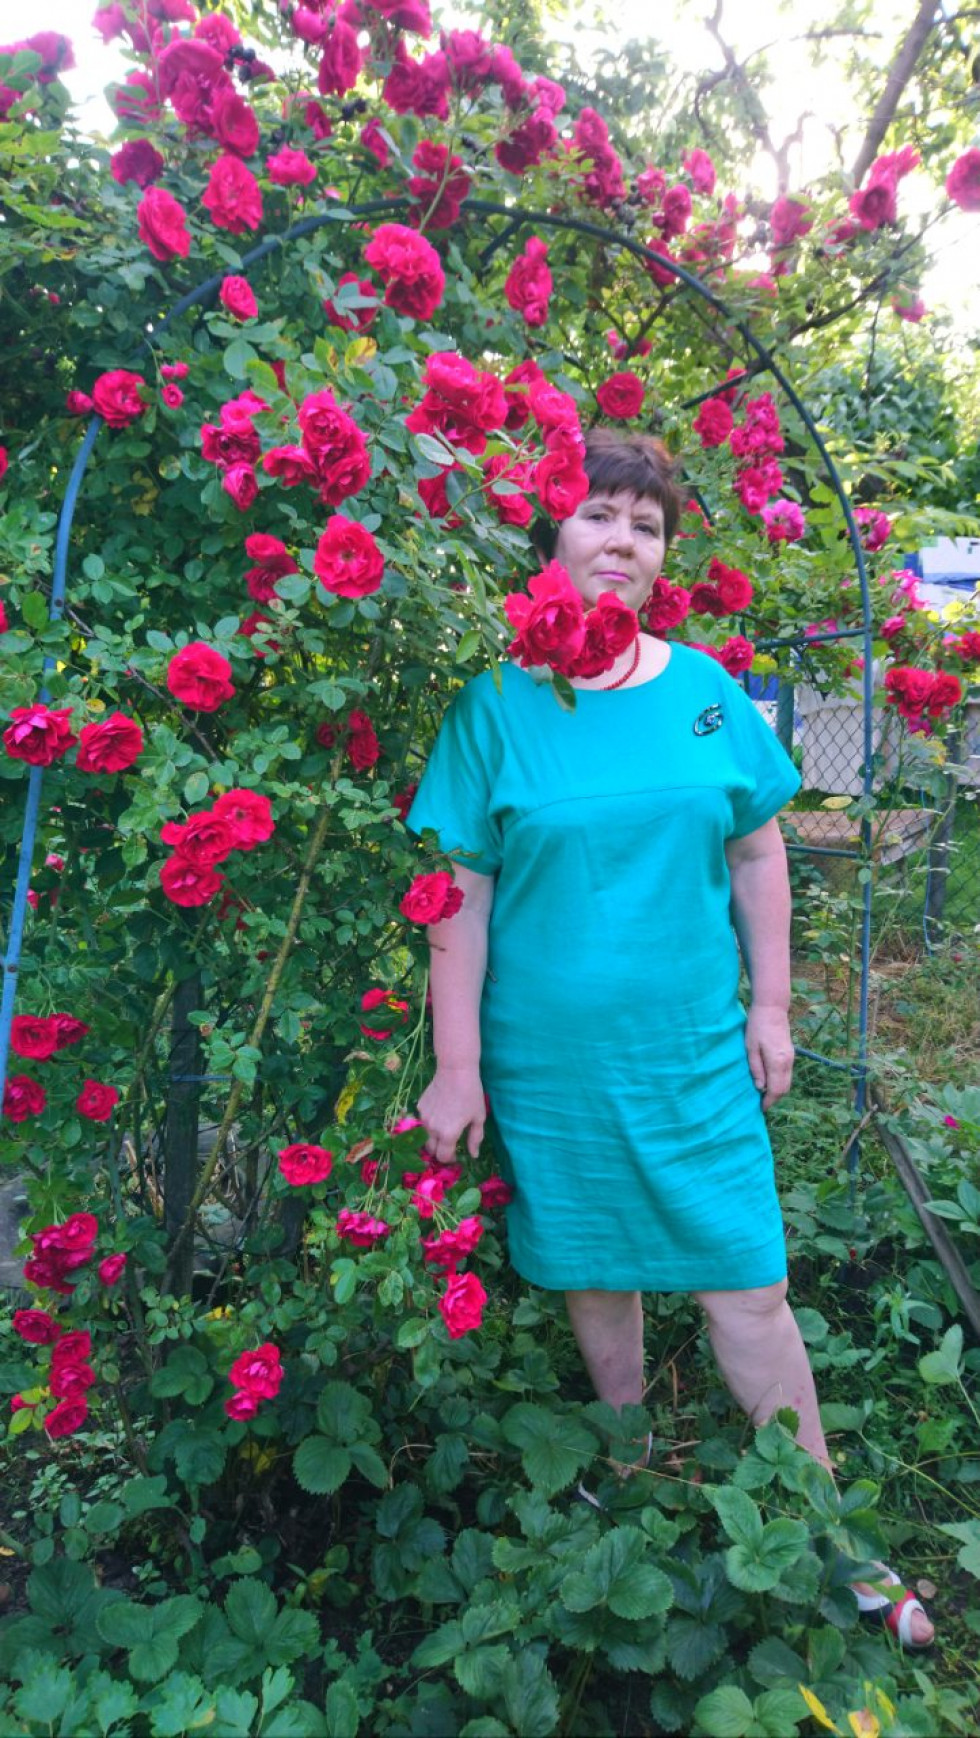 Кожен день розпочинає із прогулянки квітником, де ростуть різні сорти троянд.